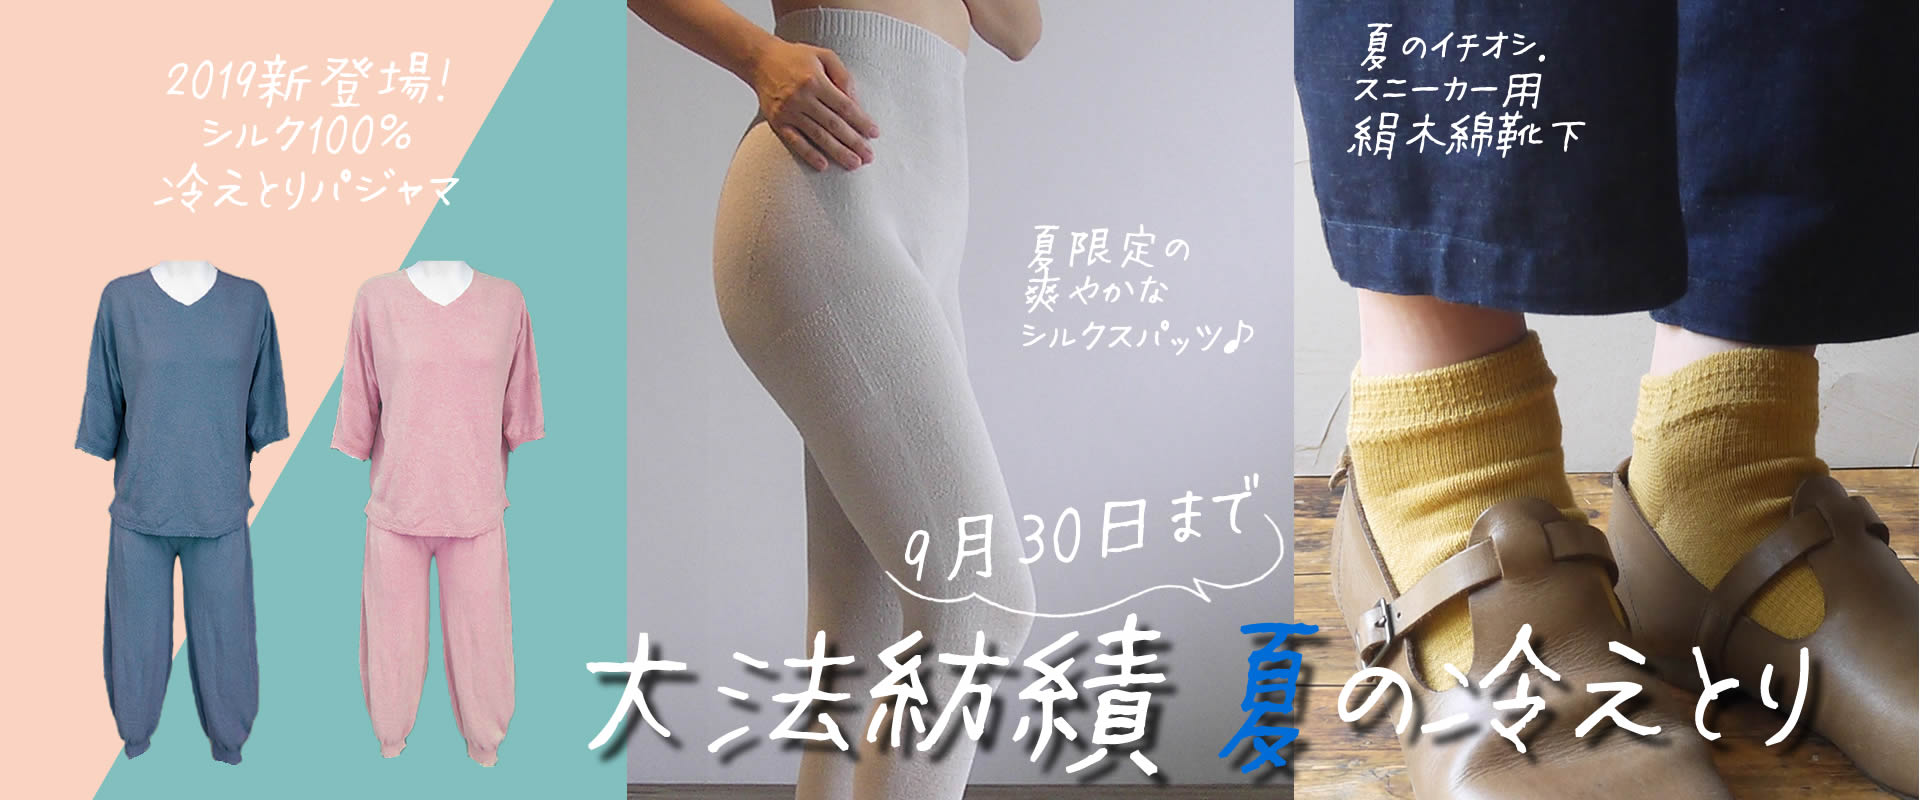 冷えとりの大法紡績 夏季限定商品9月30日まで